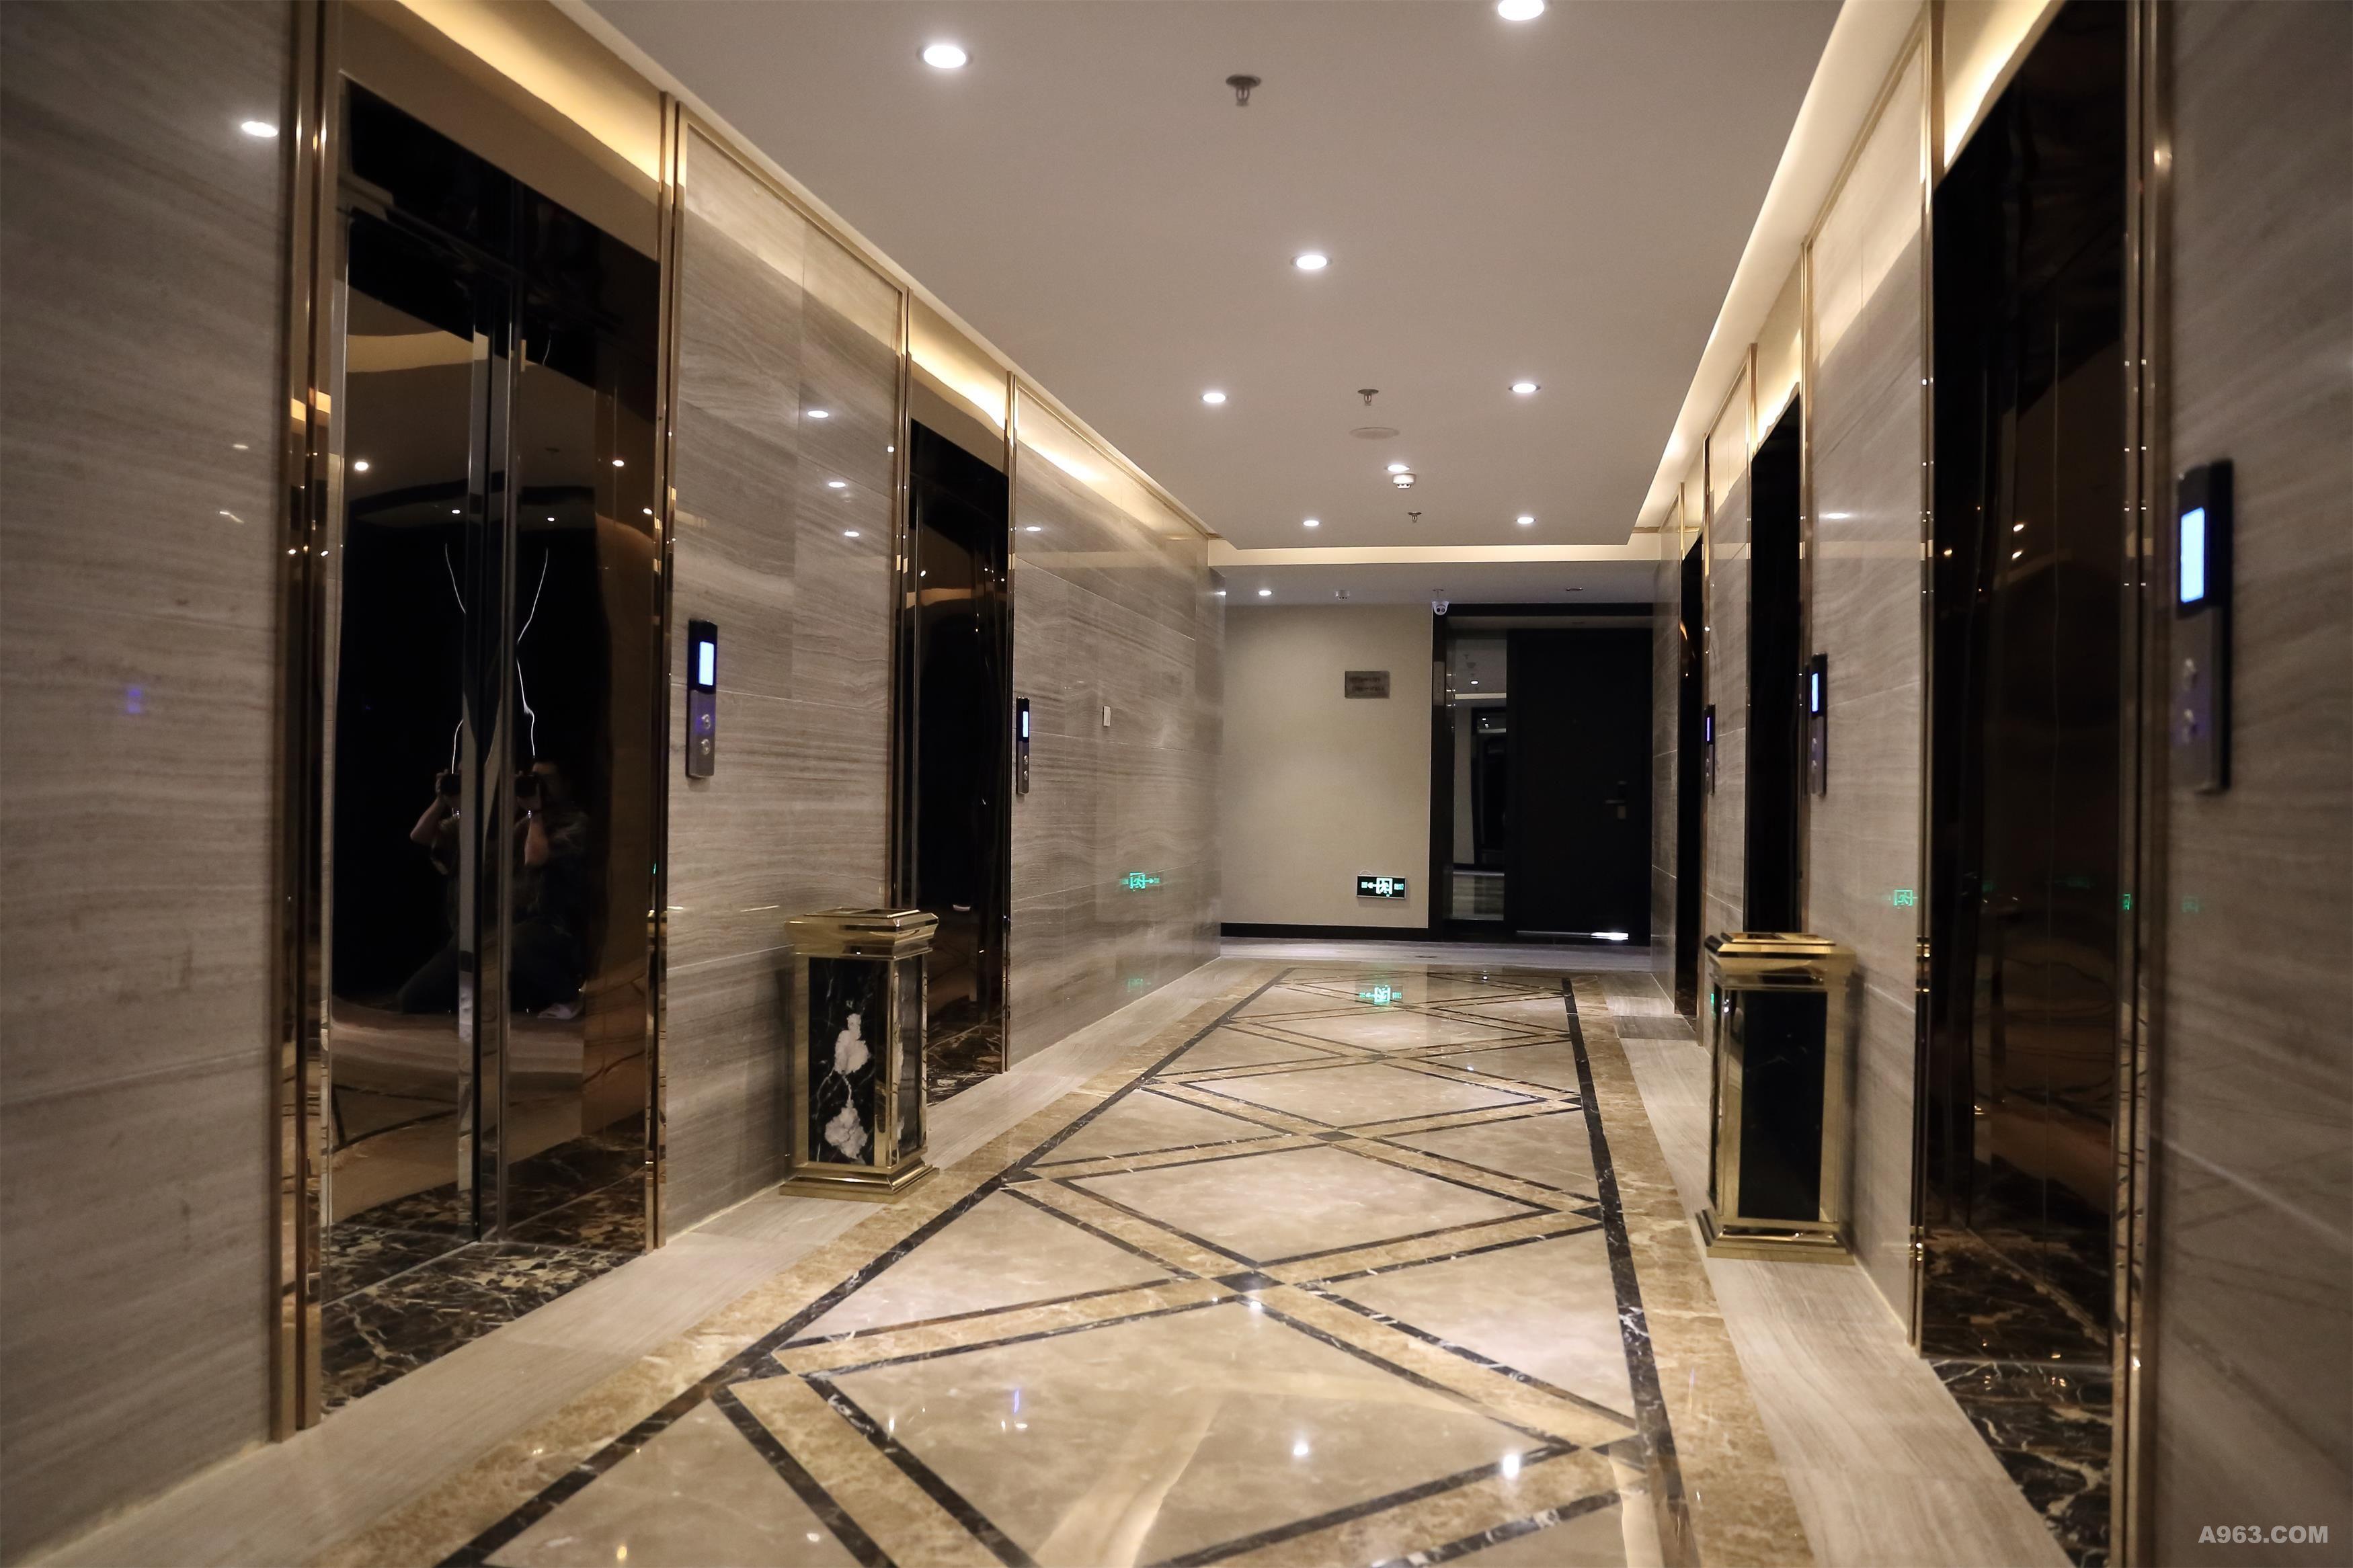 酒店大堂背景采用全新的设计材料---装饰金属网配合氟碳喷涂相结合,将